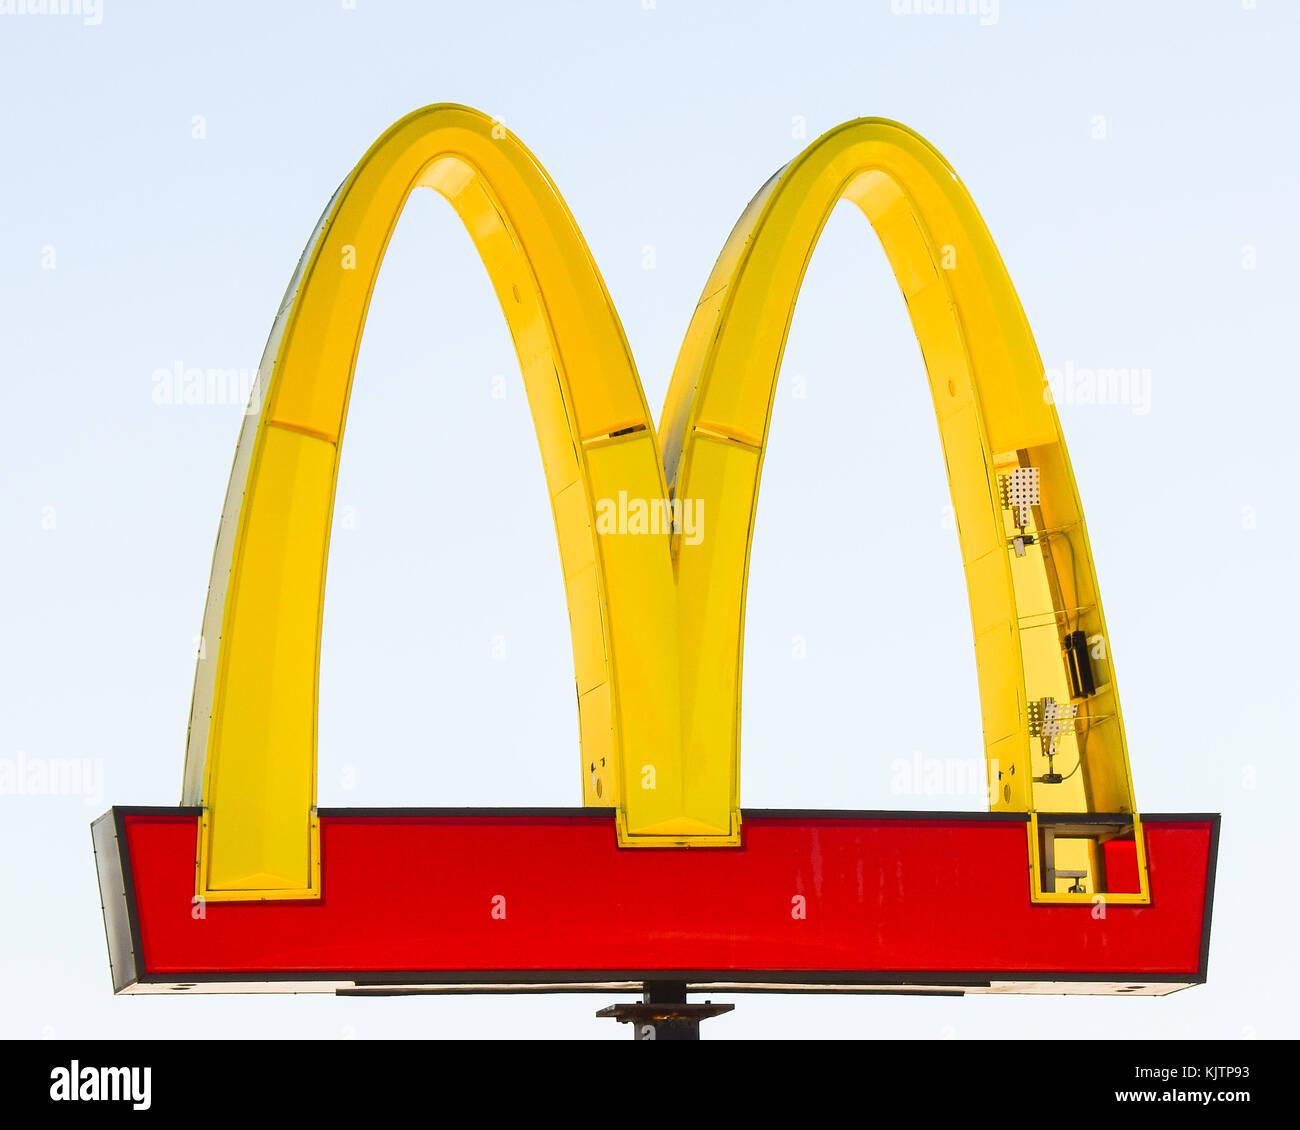 Damaged Mcdonalds Stock Photos & Damaged Mcdonalds Stock ...